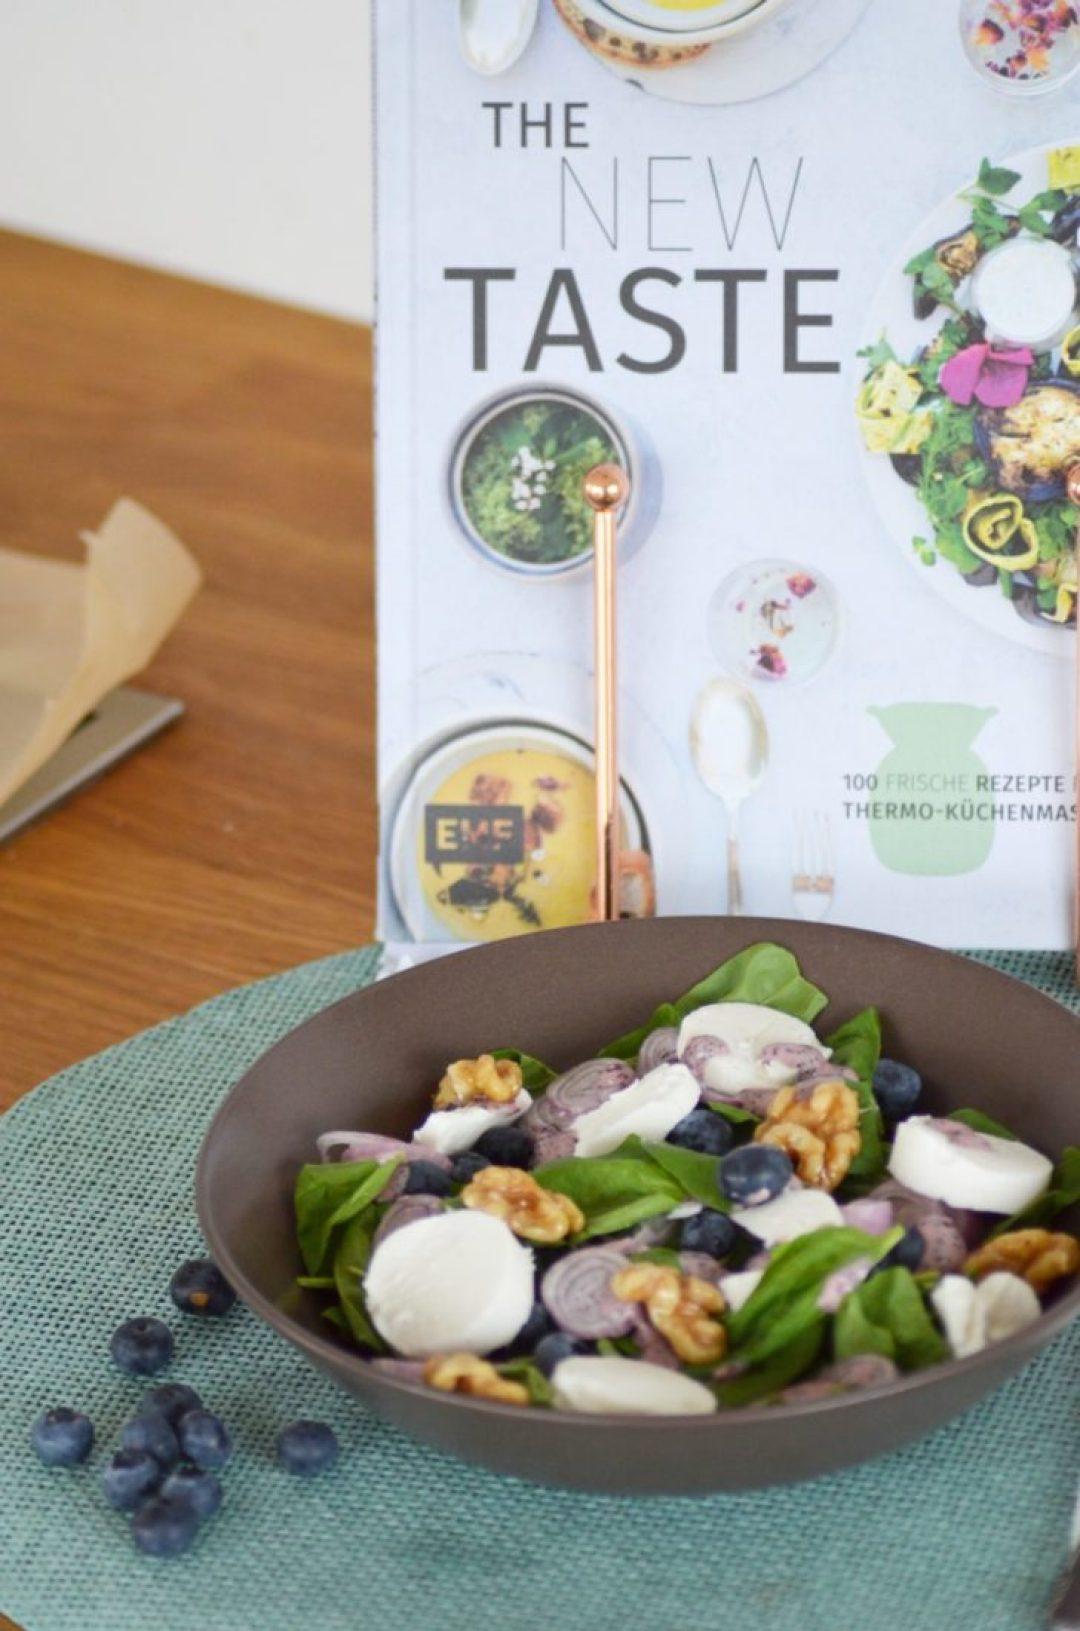 Thermomixkochbuch The new Taste von Kristina Koch und Julia Heckmann